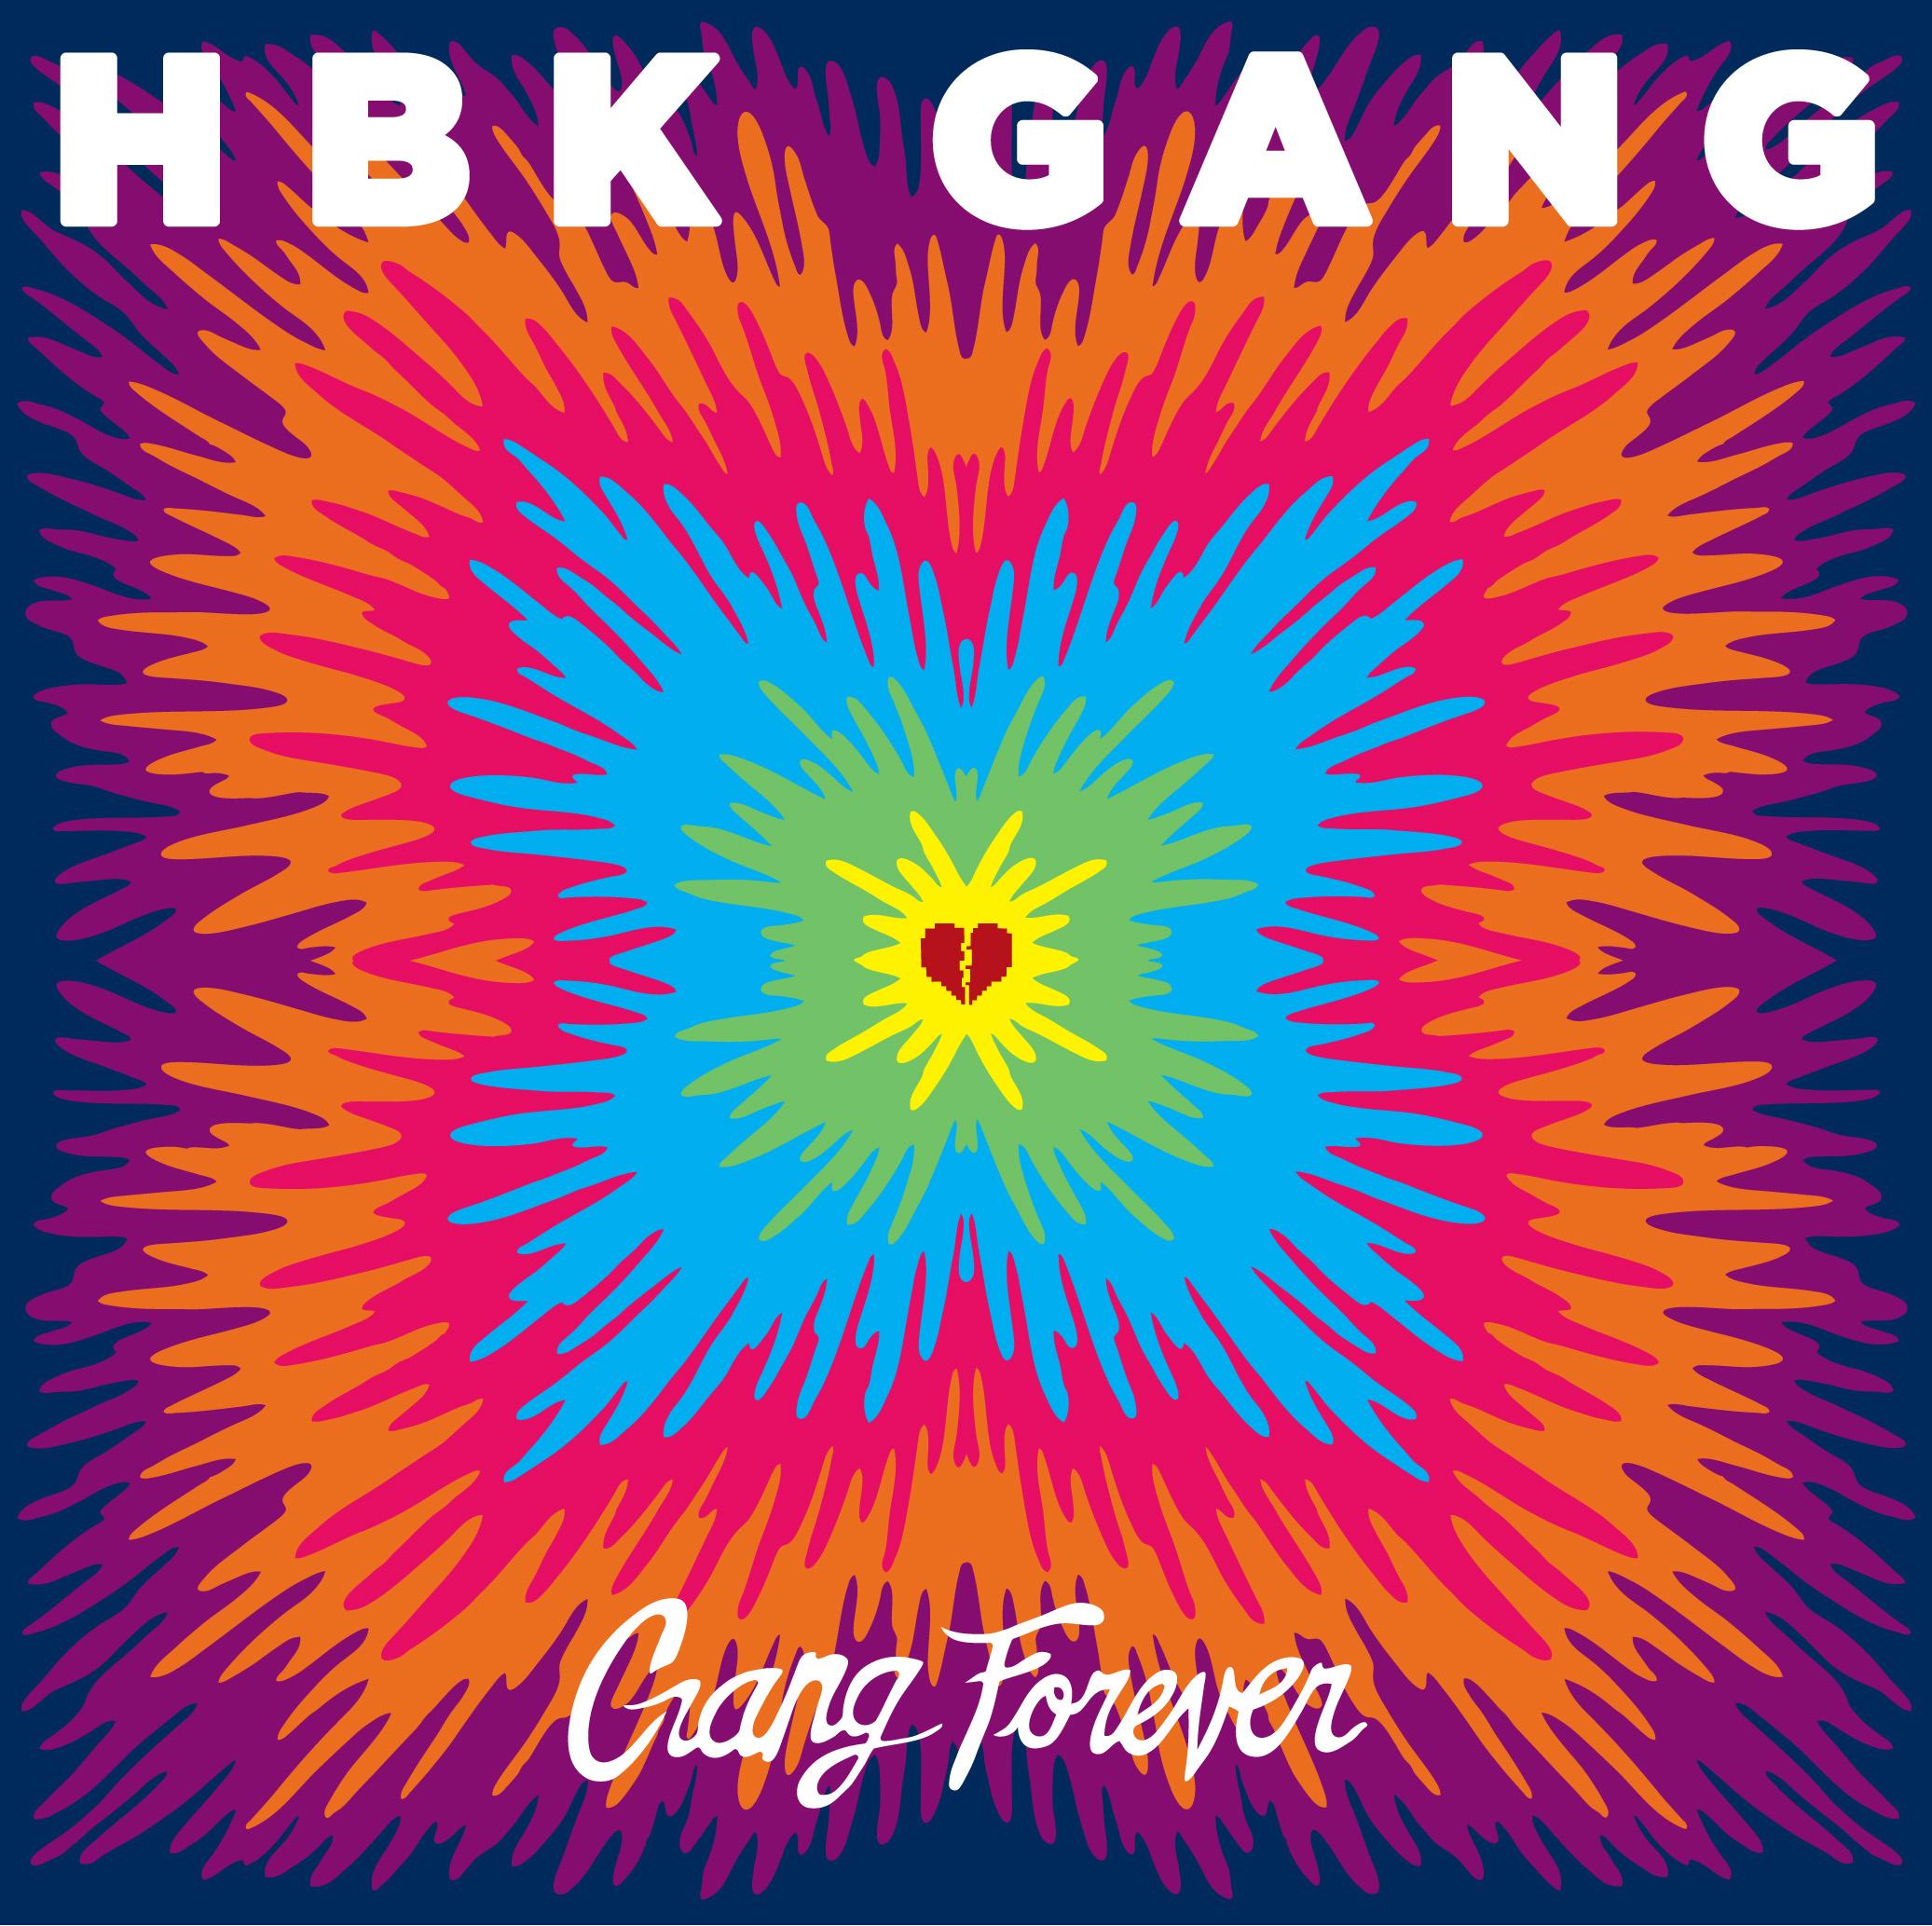 HBK_FOREVERTOUR_POSTER